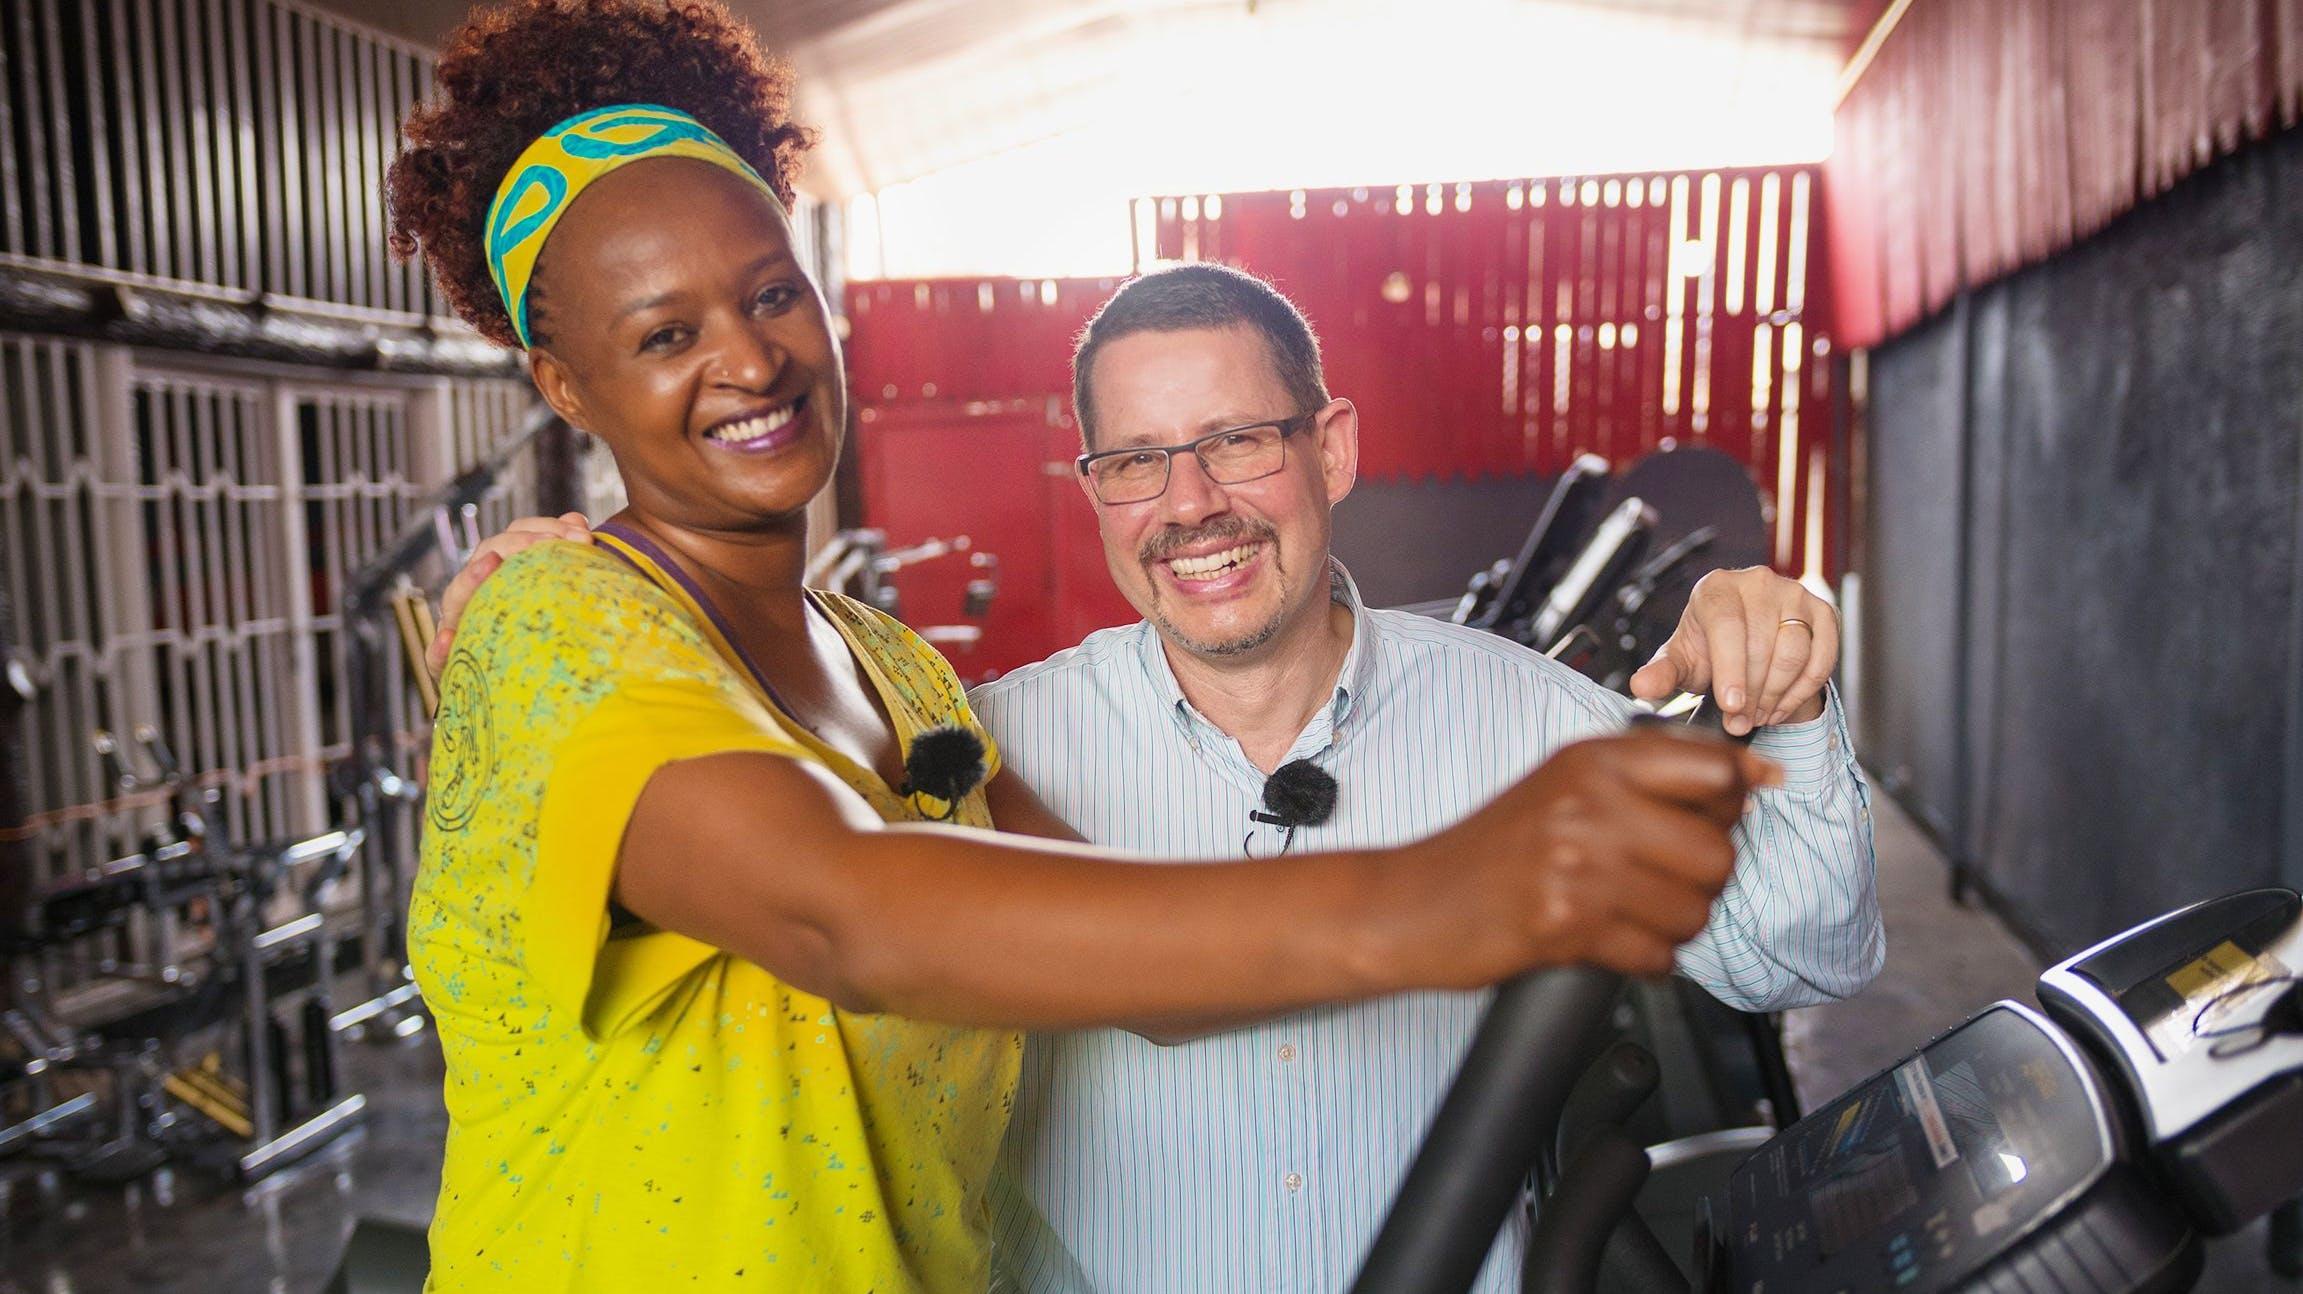 Dianne und Marco Schommer wollen in Ruanda ein Fitness-Studio eröffnen.